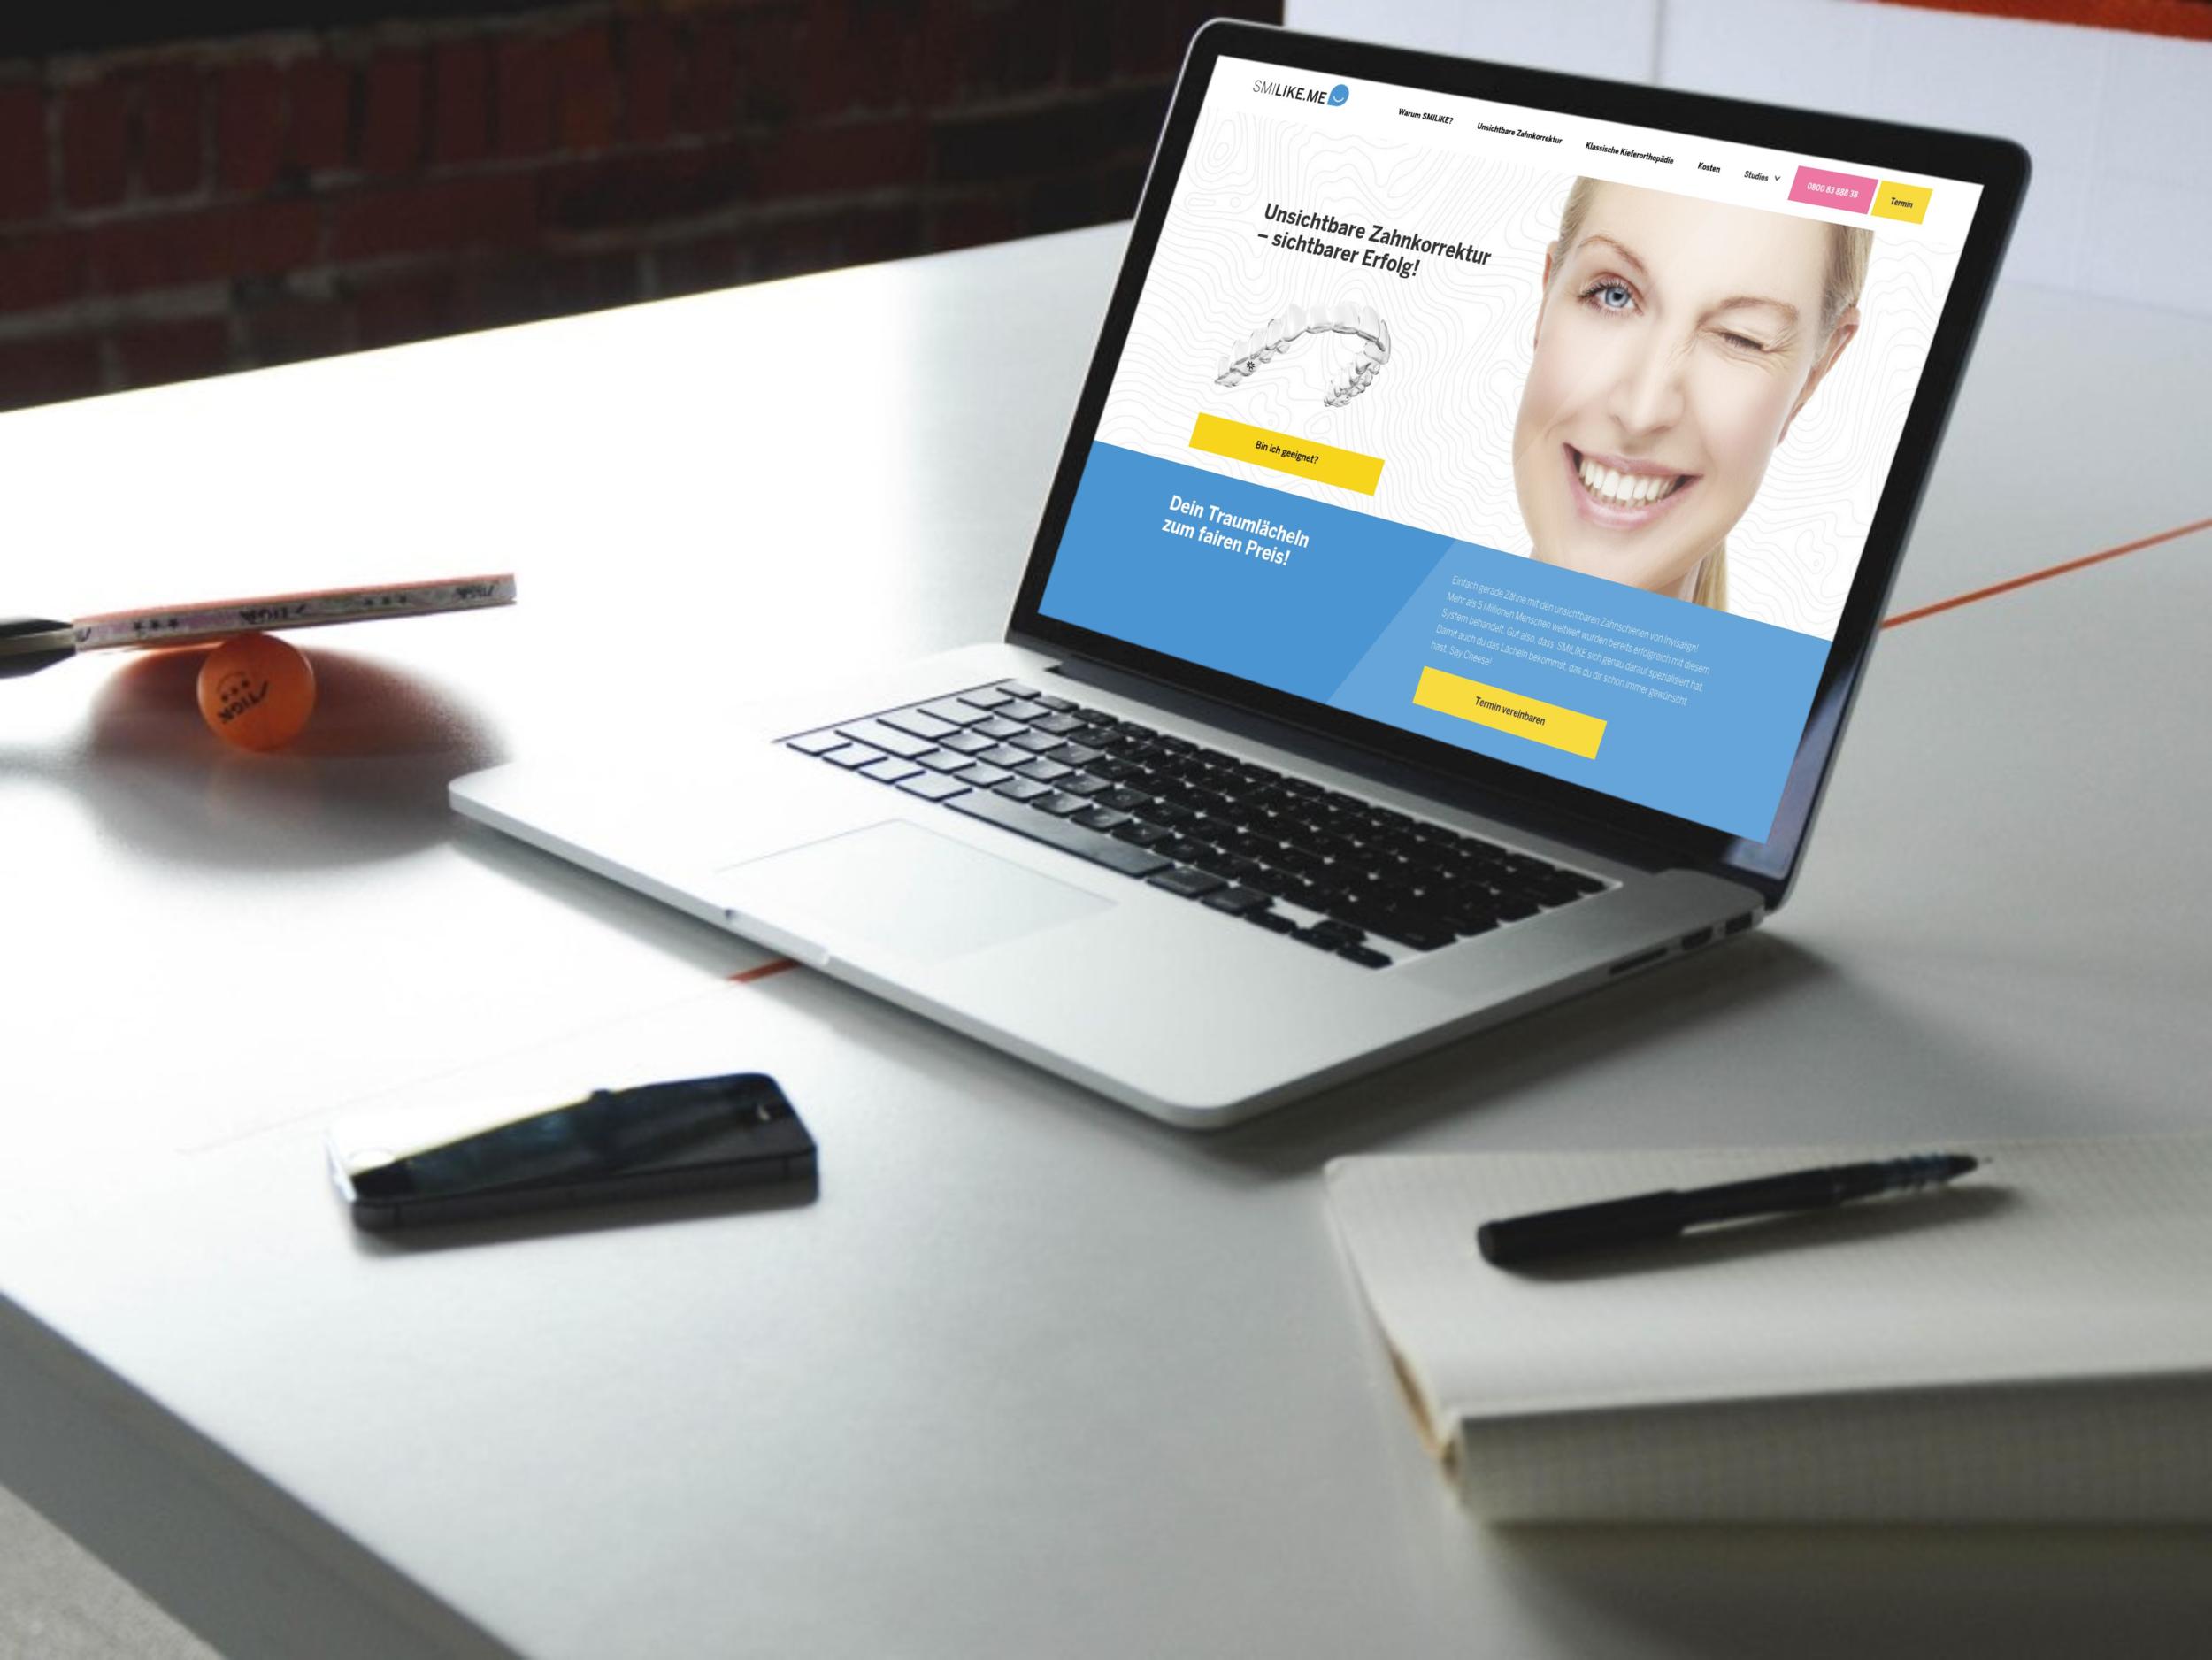 Aktuelles:Smilke.me - Für Smilike.me entwickelten wir eine neue Webseite und steuern bis heute erfolgreich sämtliche Paid Advertising Kanäle.